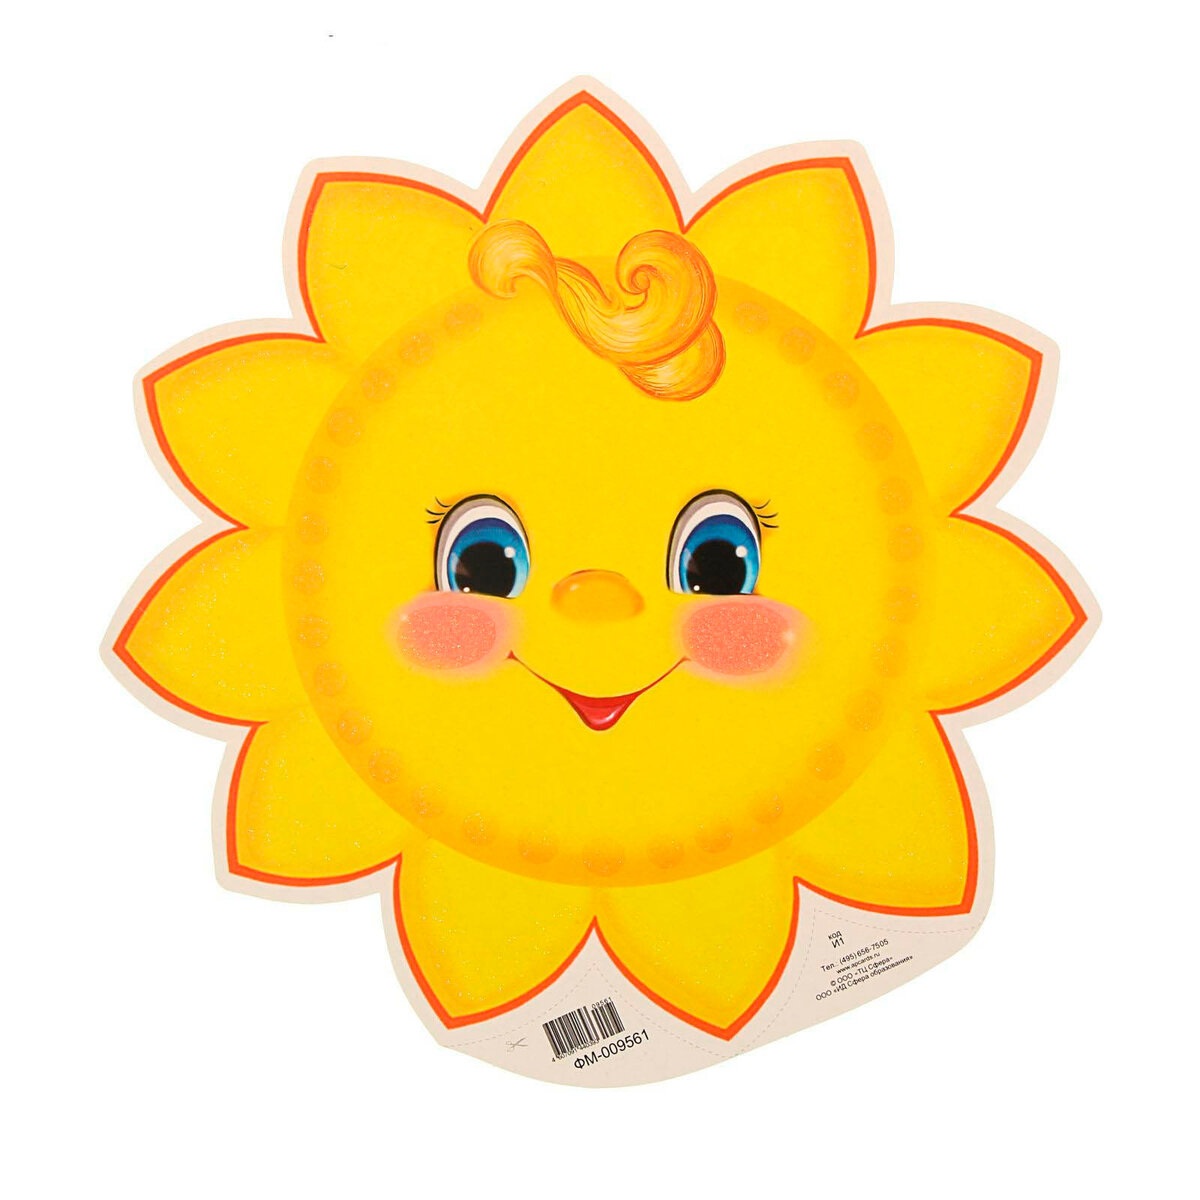 инстаграма распечатать солнце цветное картинку на принтере нашем портале найдете